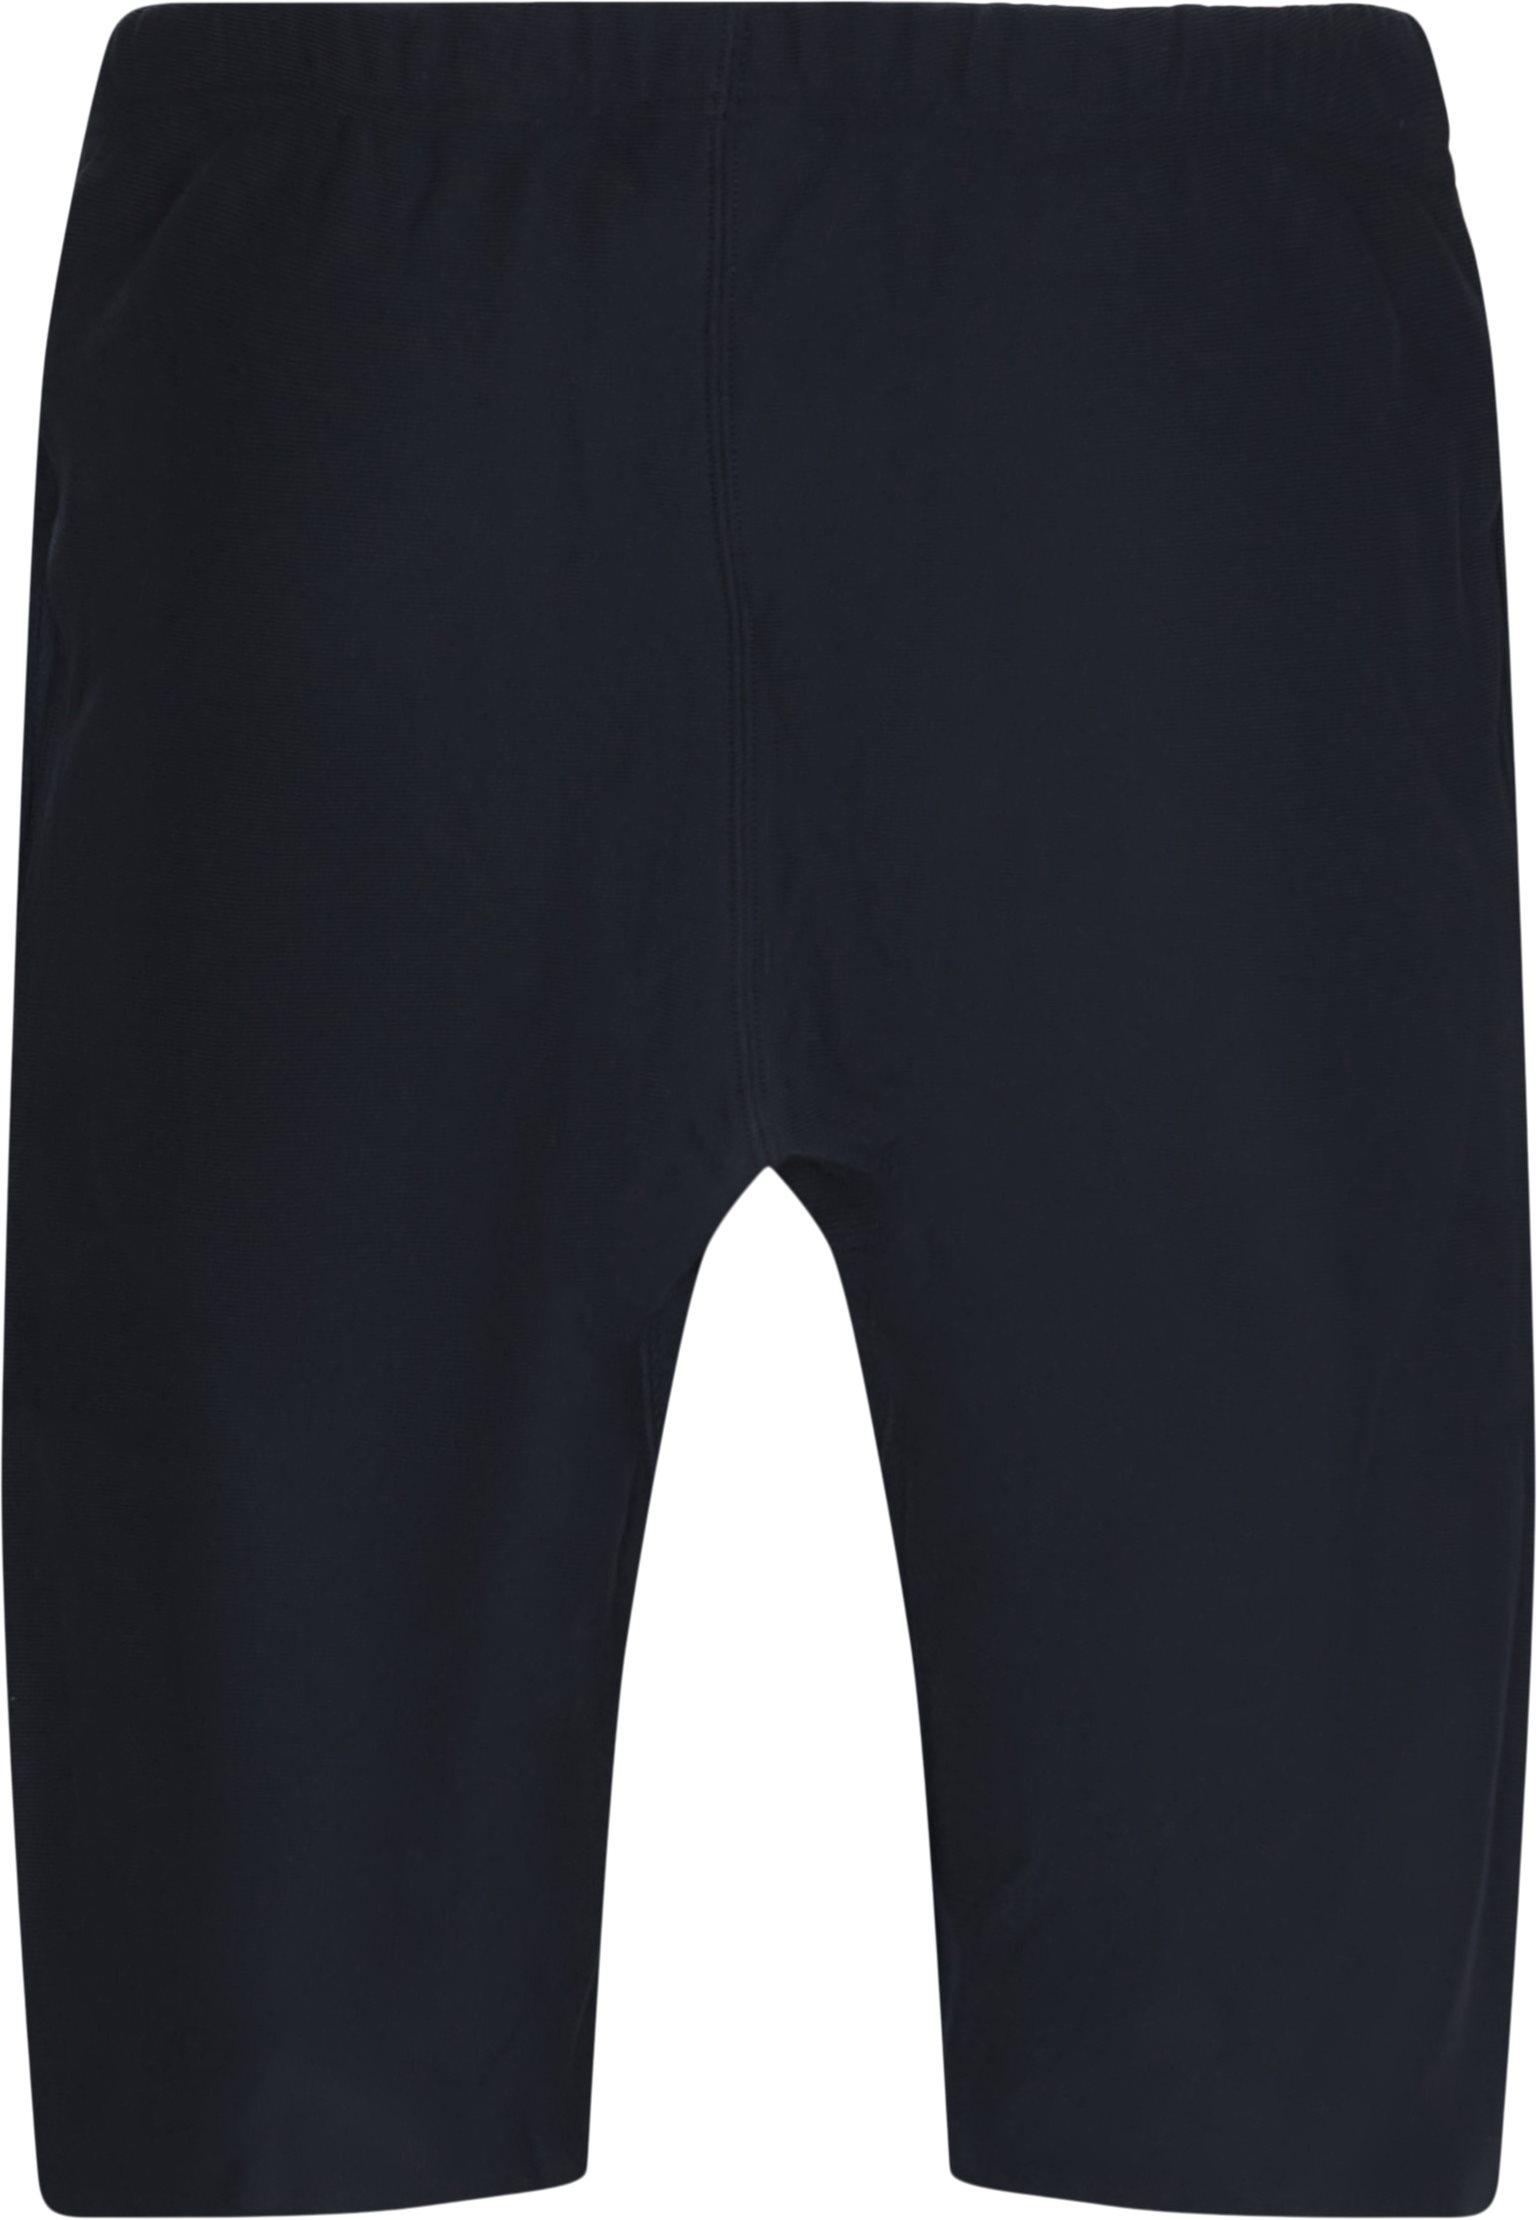 215163 Shorts - Shorts - Regular fit - Blå